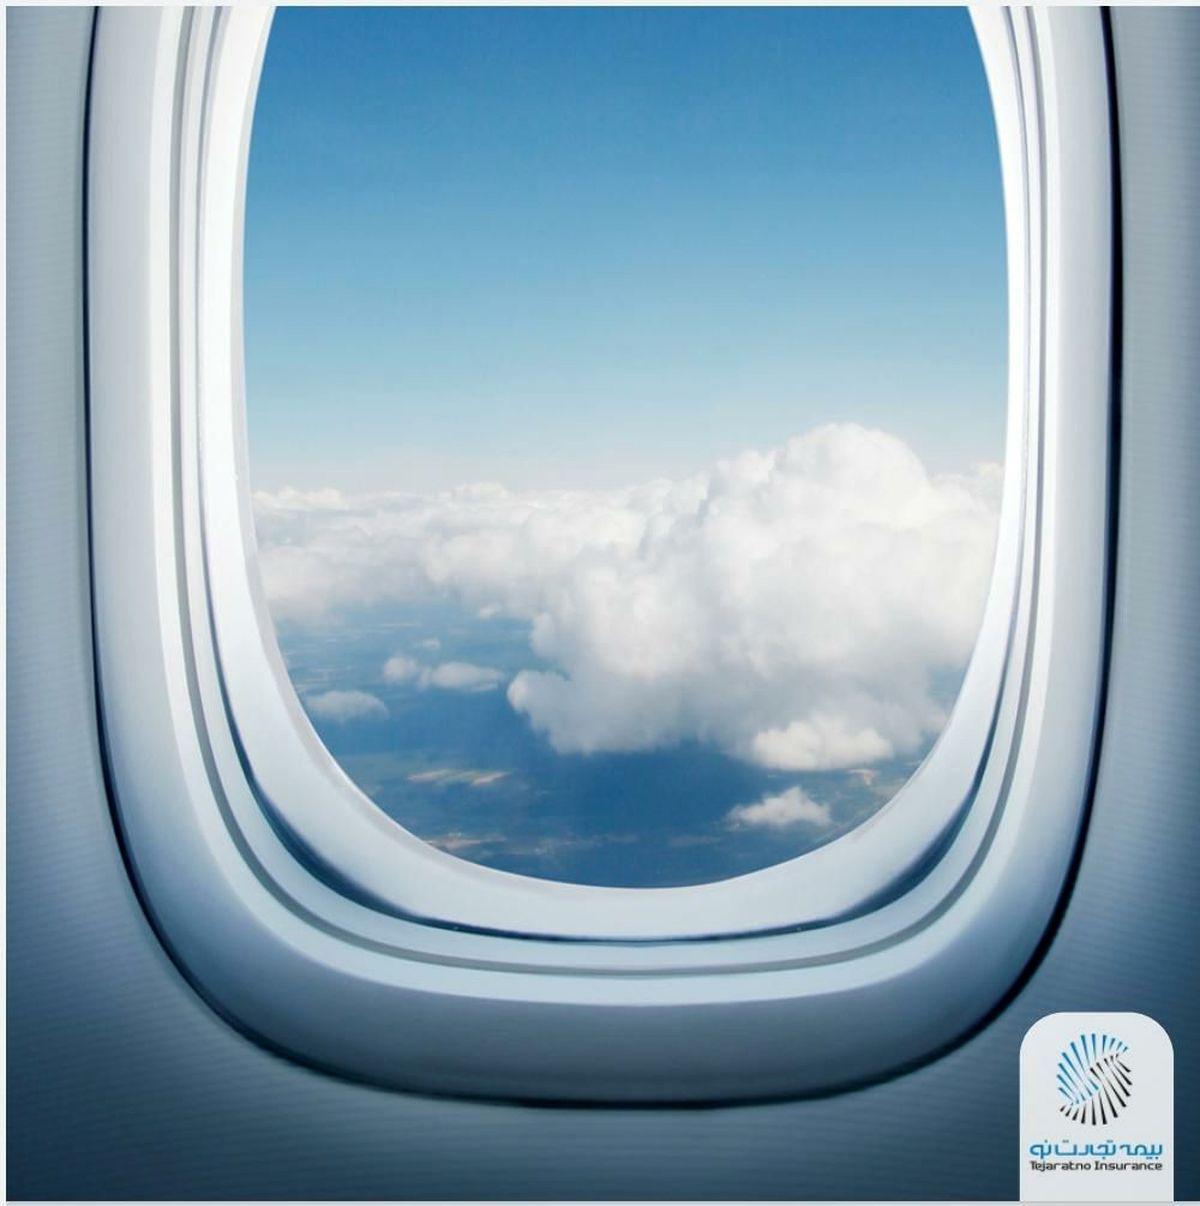 صدور آنلاین بیمه نامه مسافرتی خارجی و داخلی بیمه تجارتنو همزمان با تهیه بلیط سفر